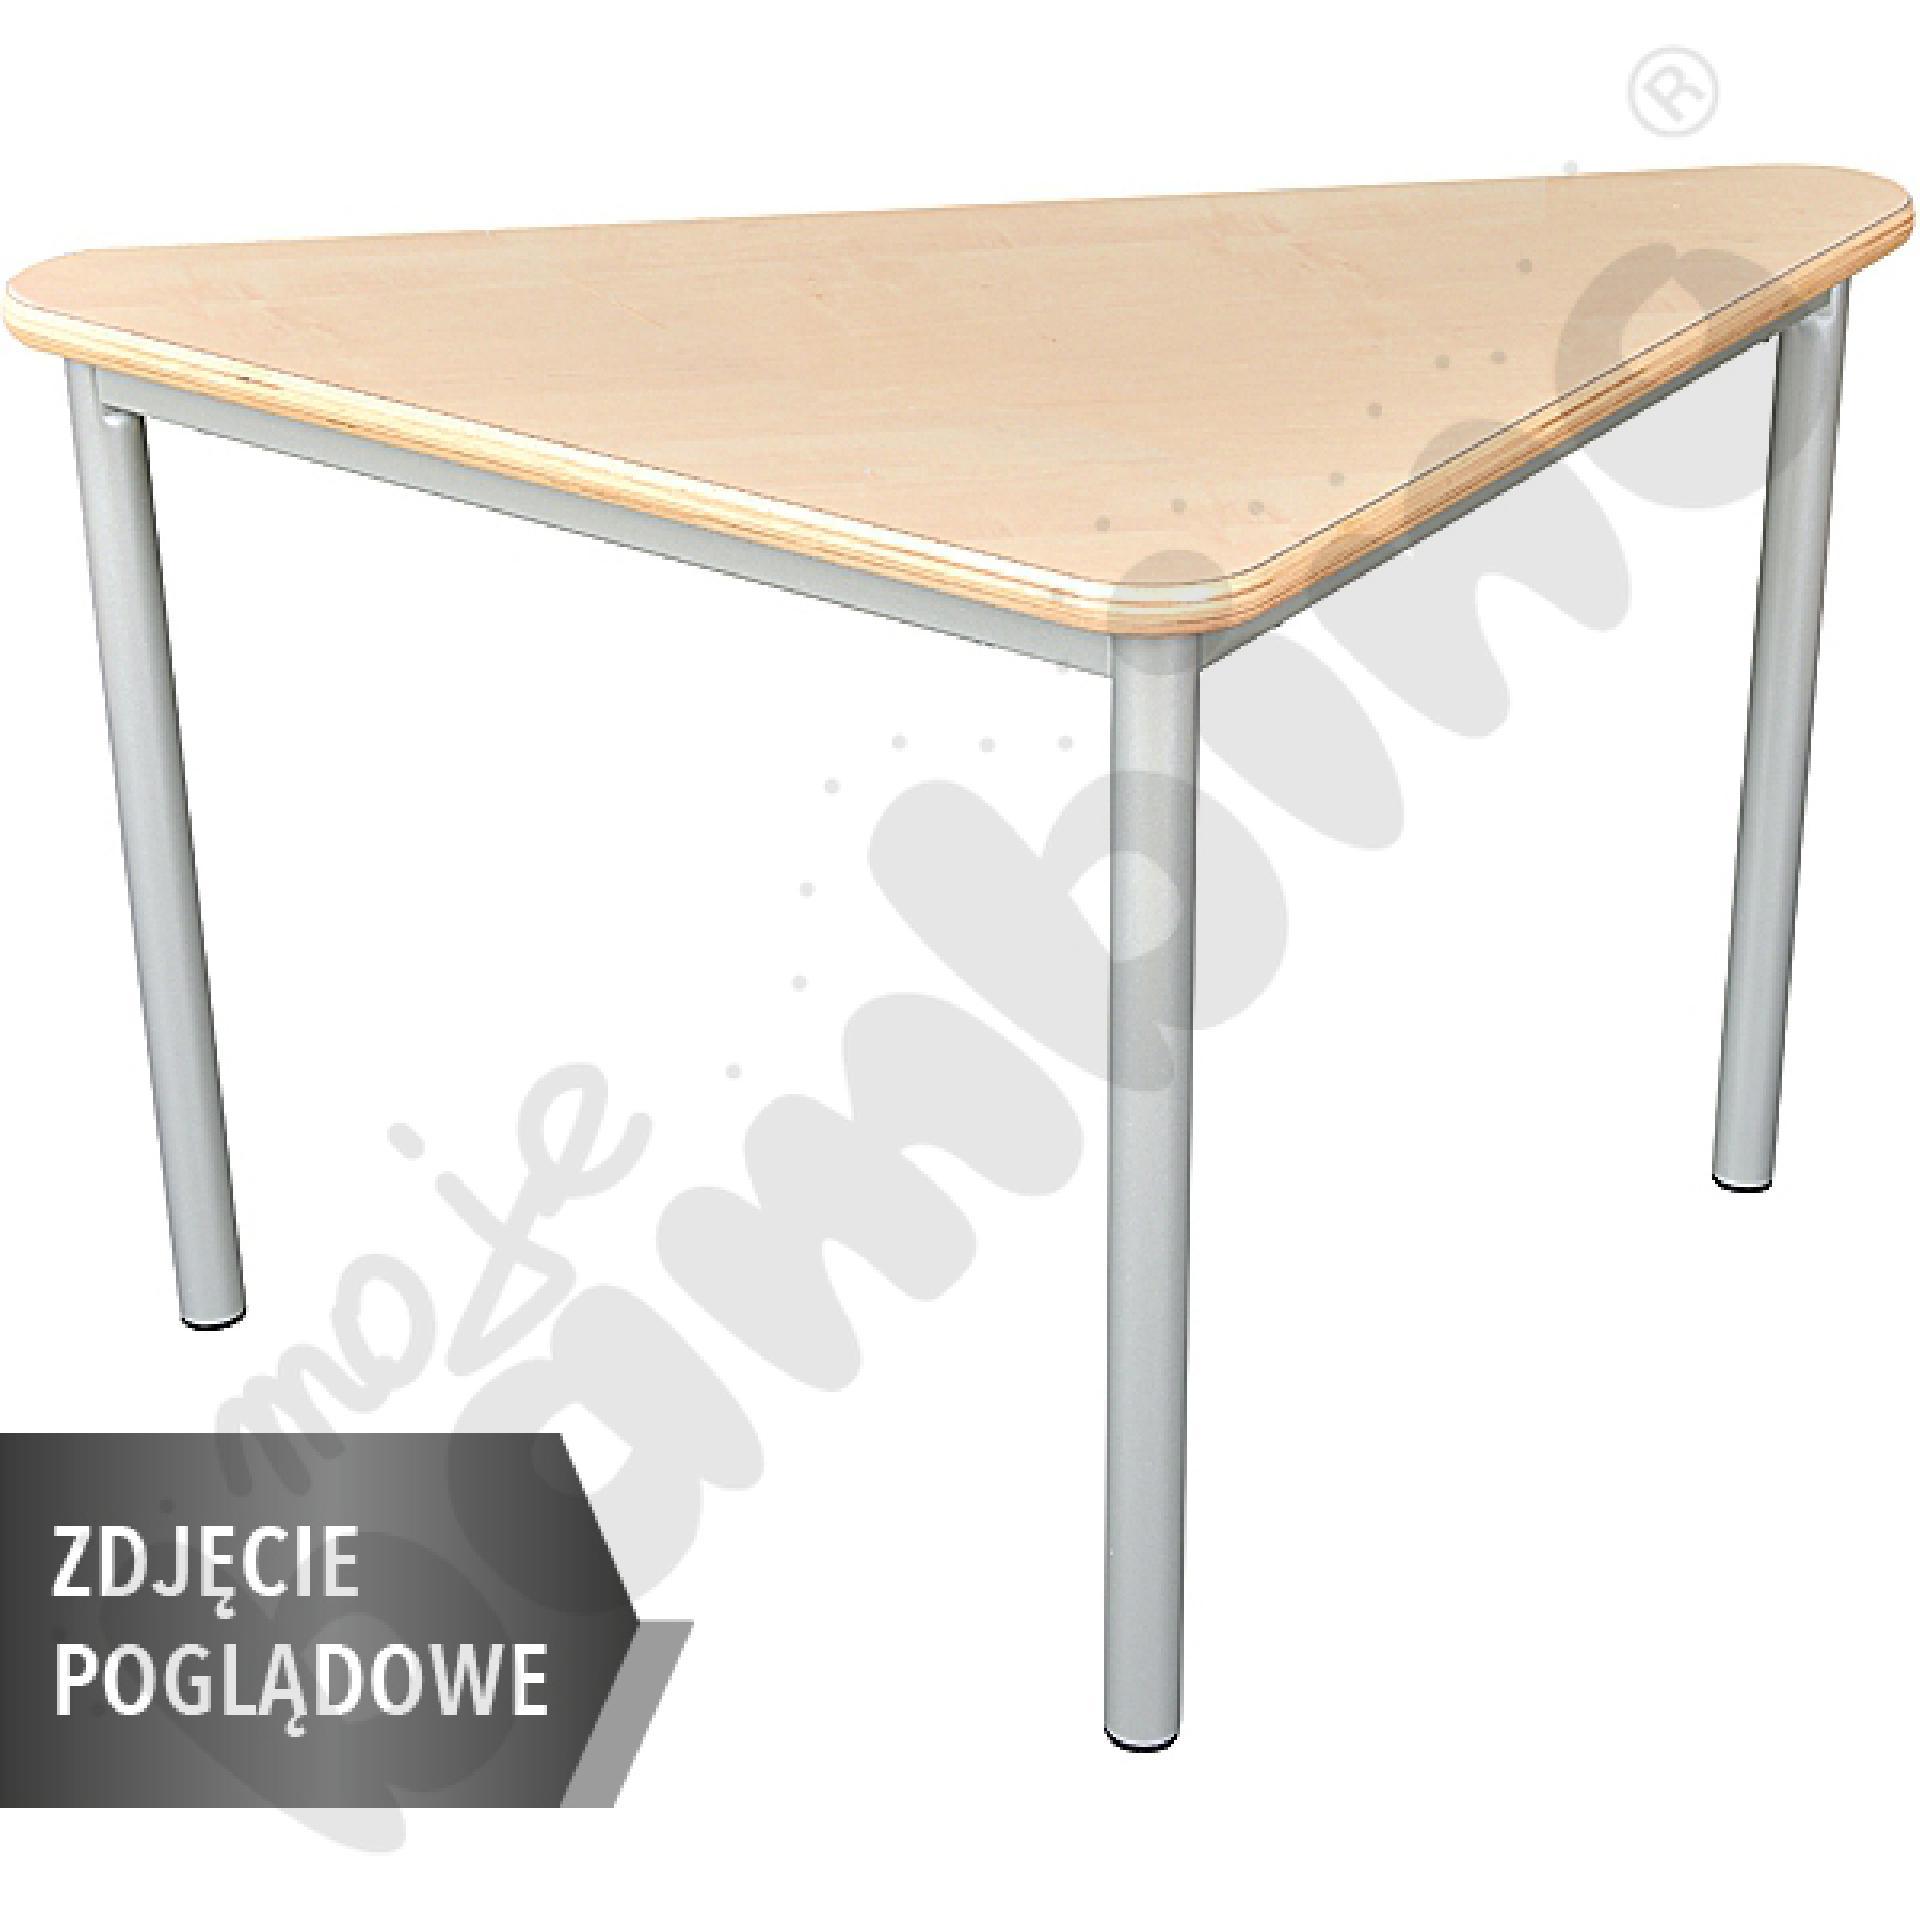 Stół Mila trójkątny 80x80x108, HPL - jasnozielony, zaokrąglony, rozm. 4